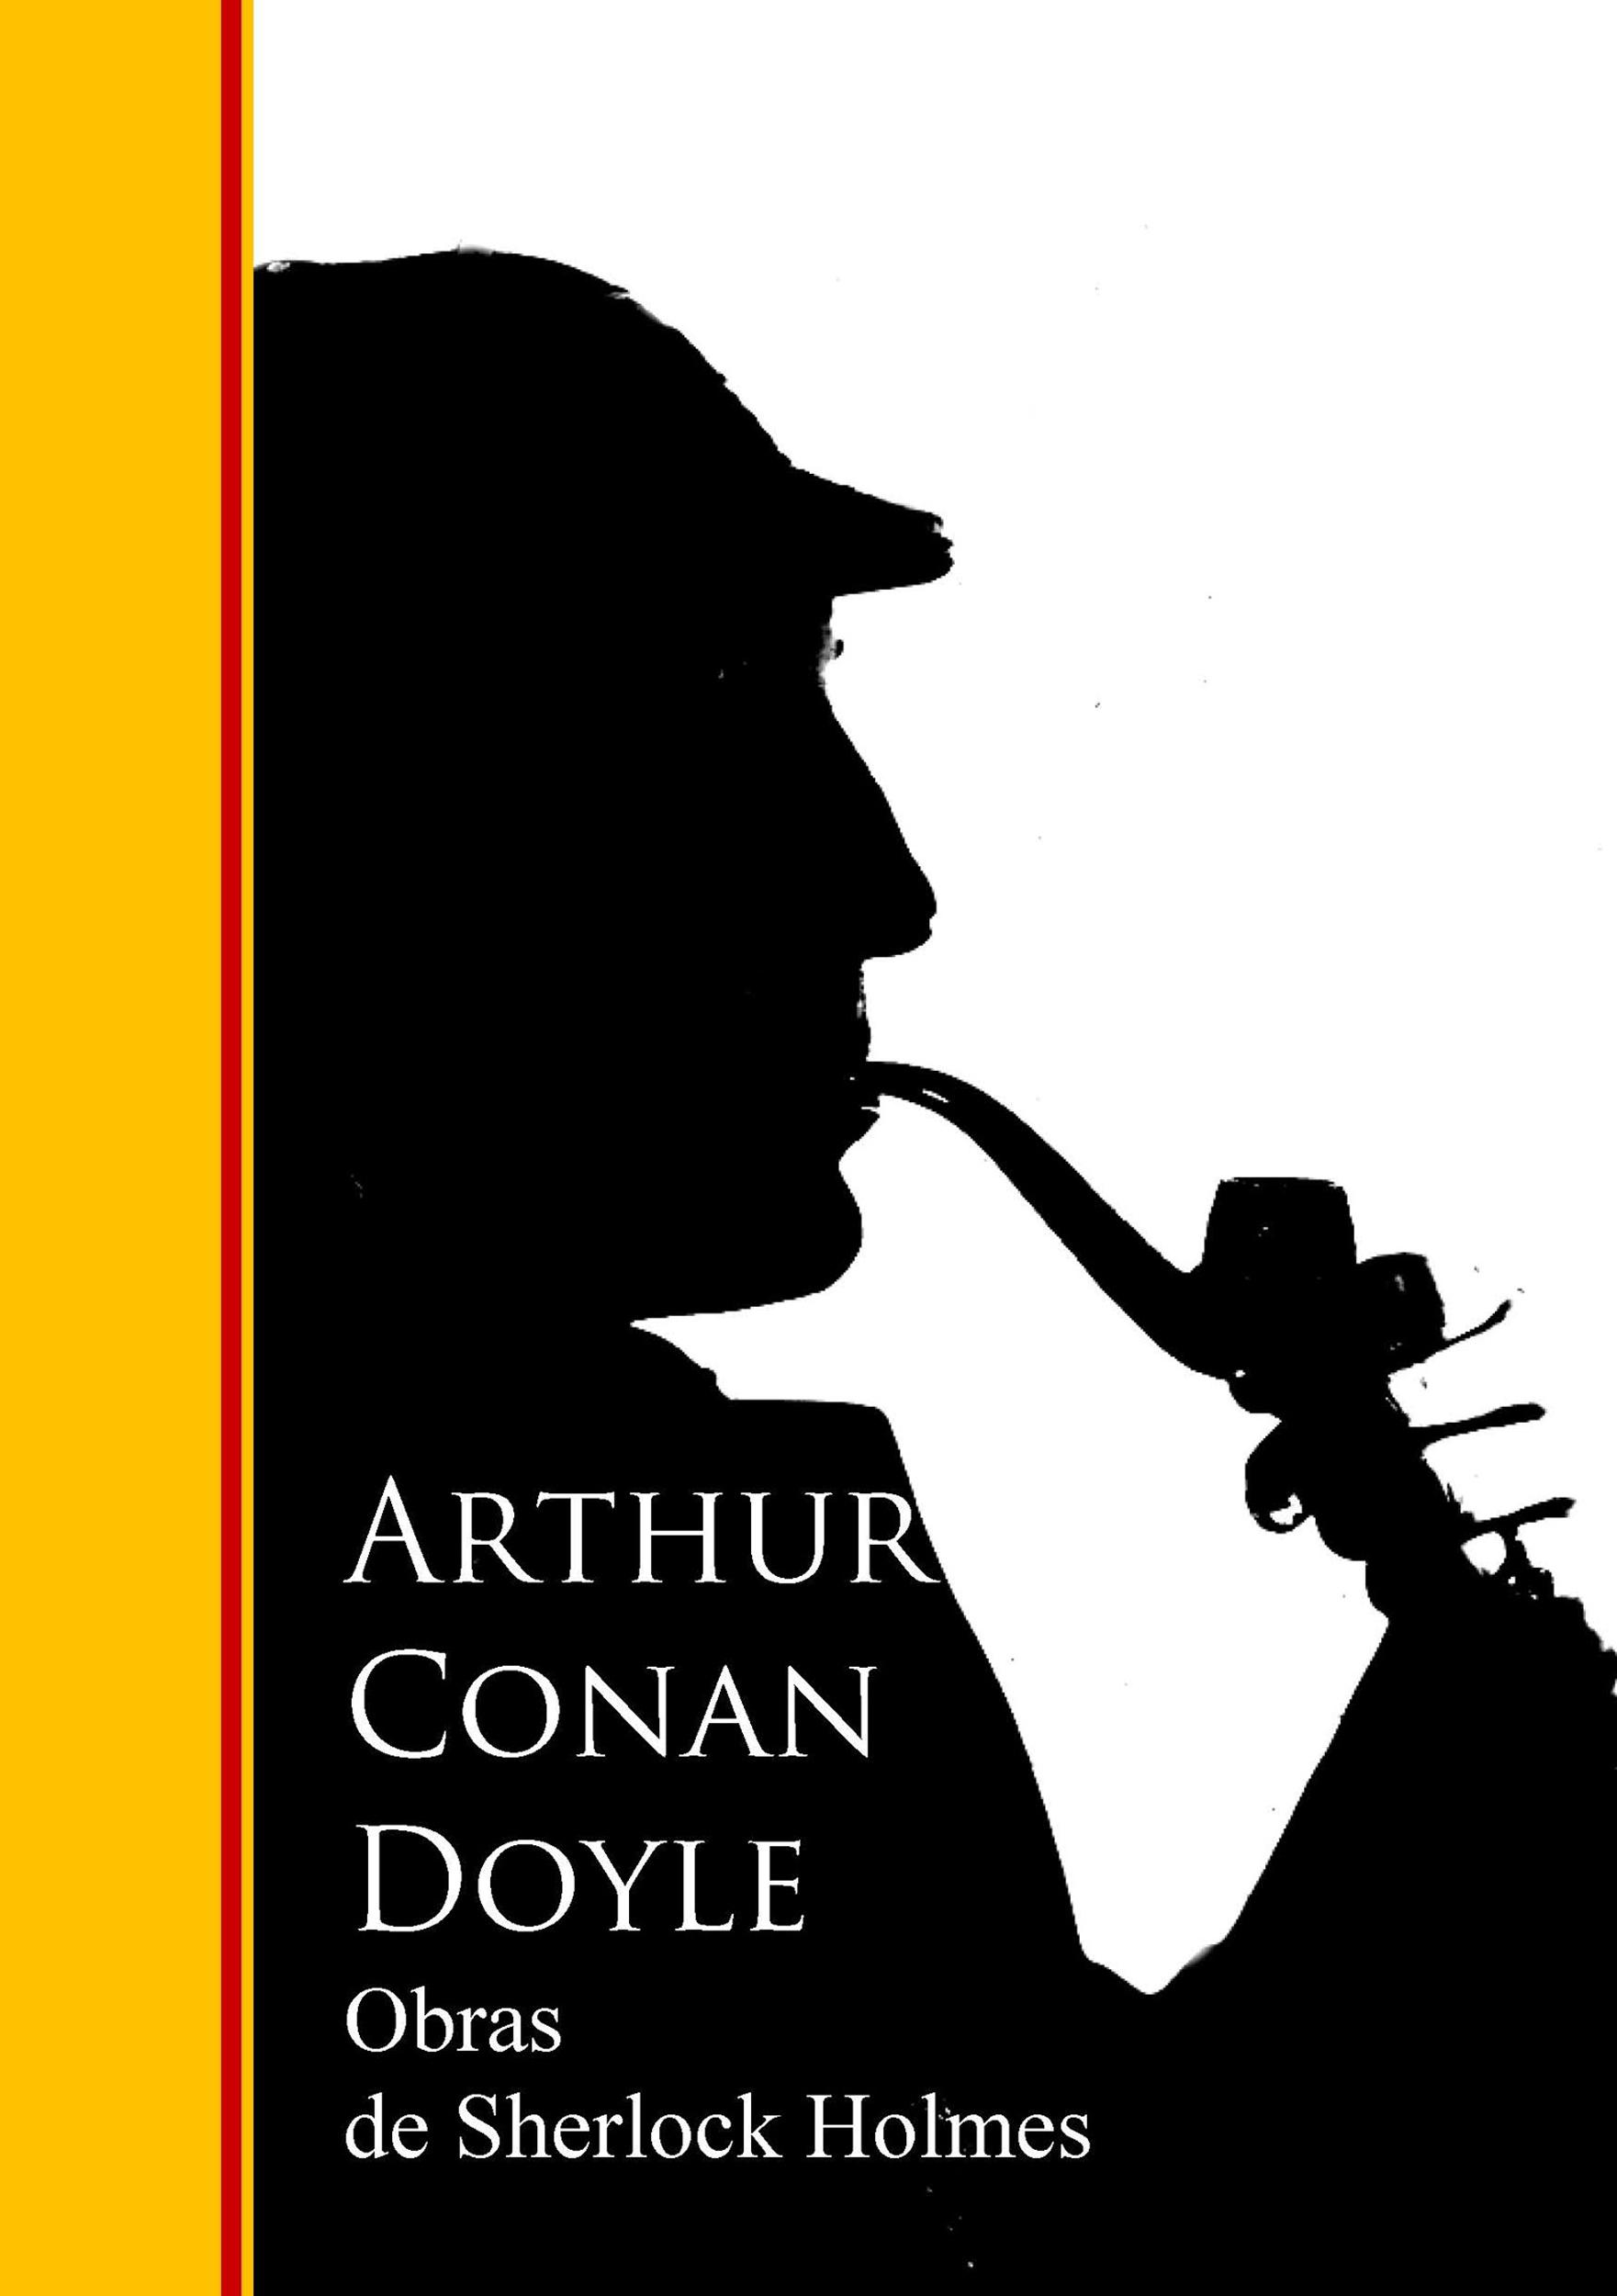 Артур Конан Дойл Obras Completas de Sherlock Holmes артур конан дойл las aventuras de sherlock holmes golden deer classics